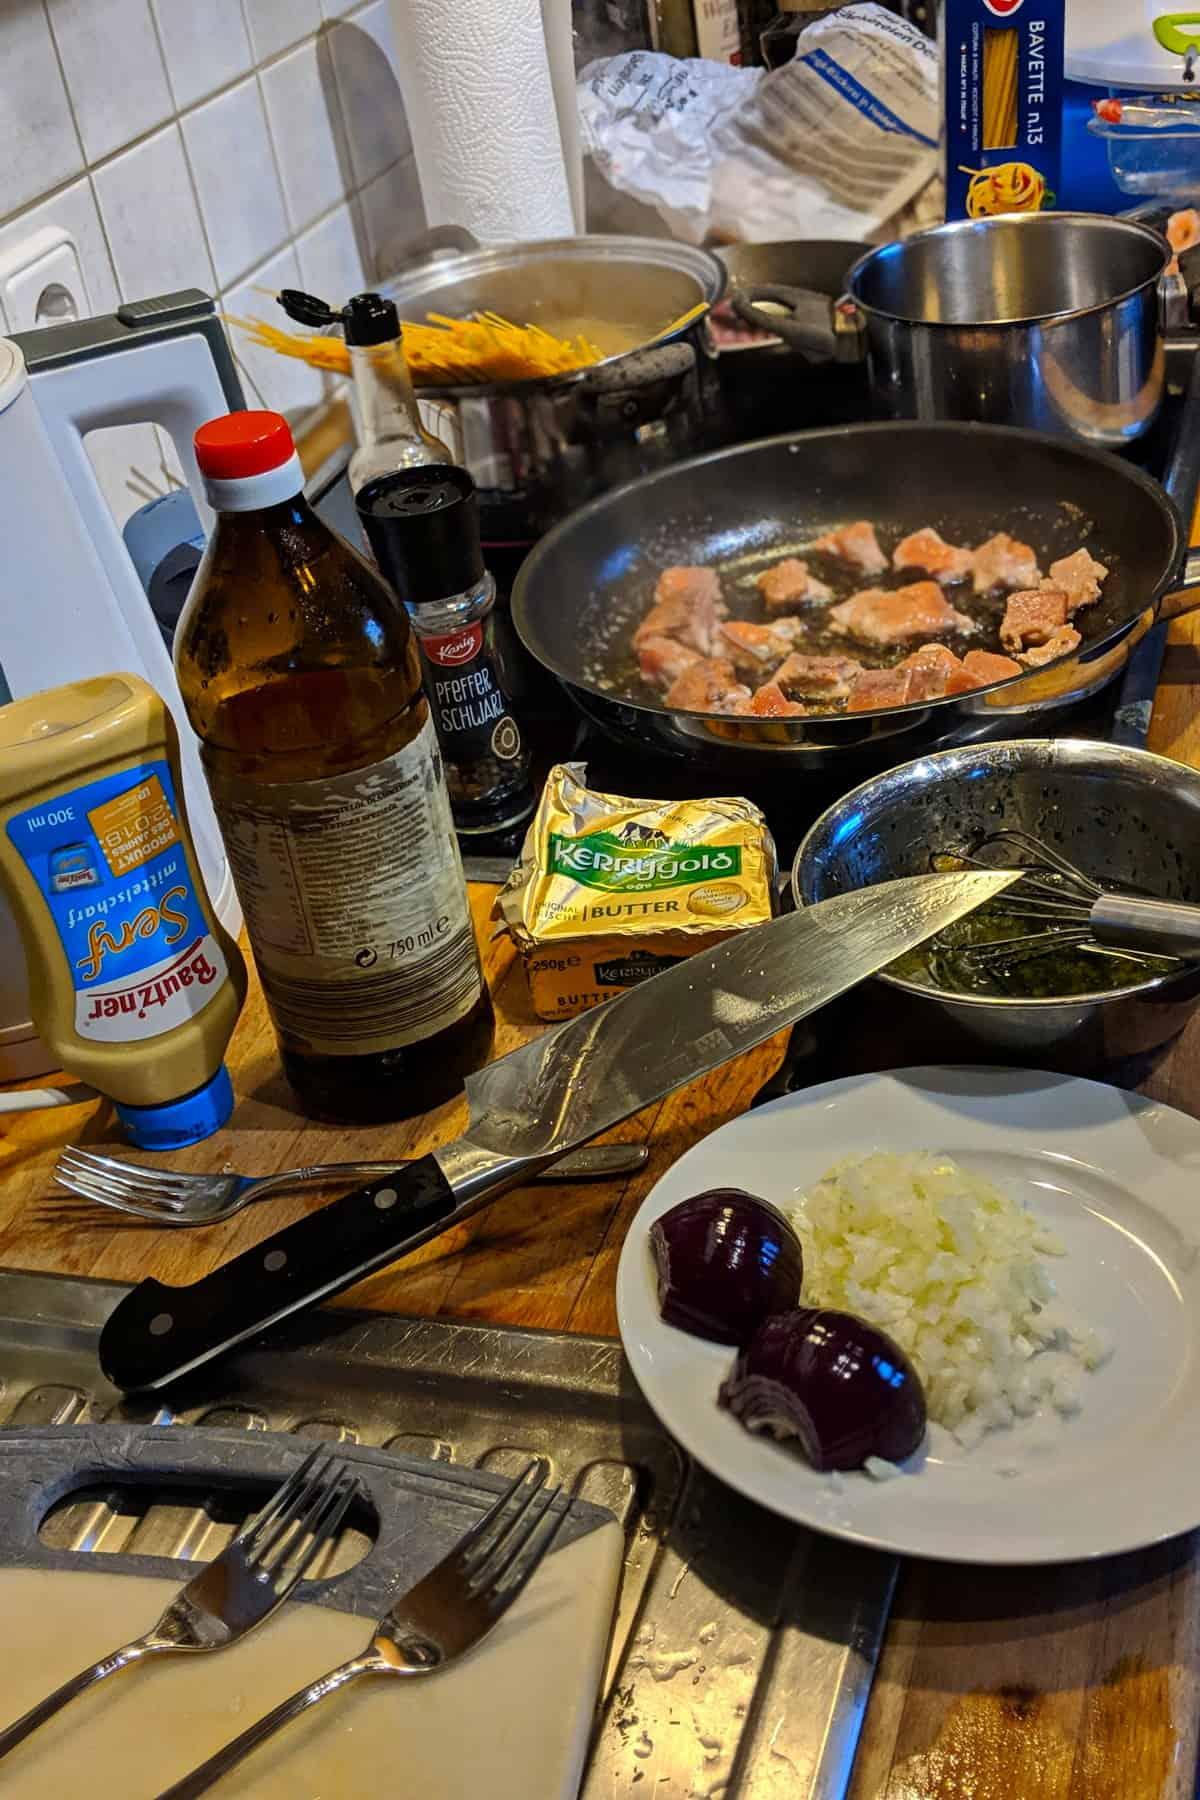 Zubereitung von Tagliatelle mit Lachs und Scampi in Parmesan-Rahmsoße in der Küche.